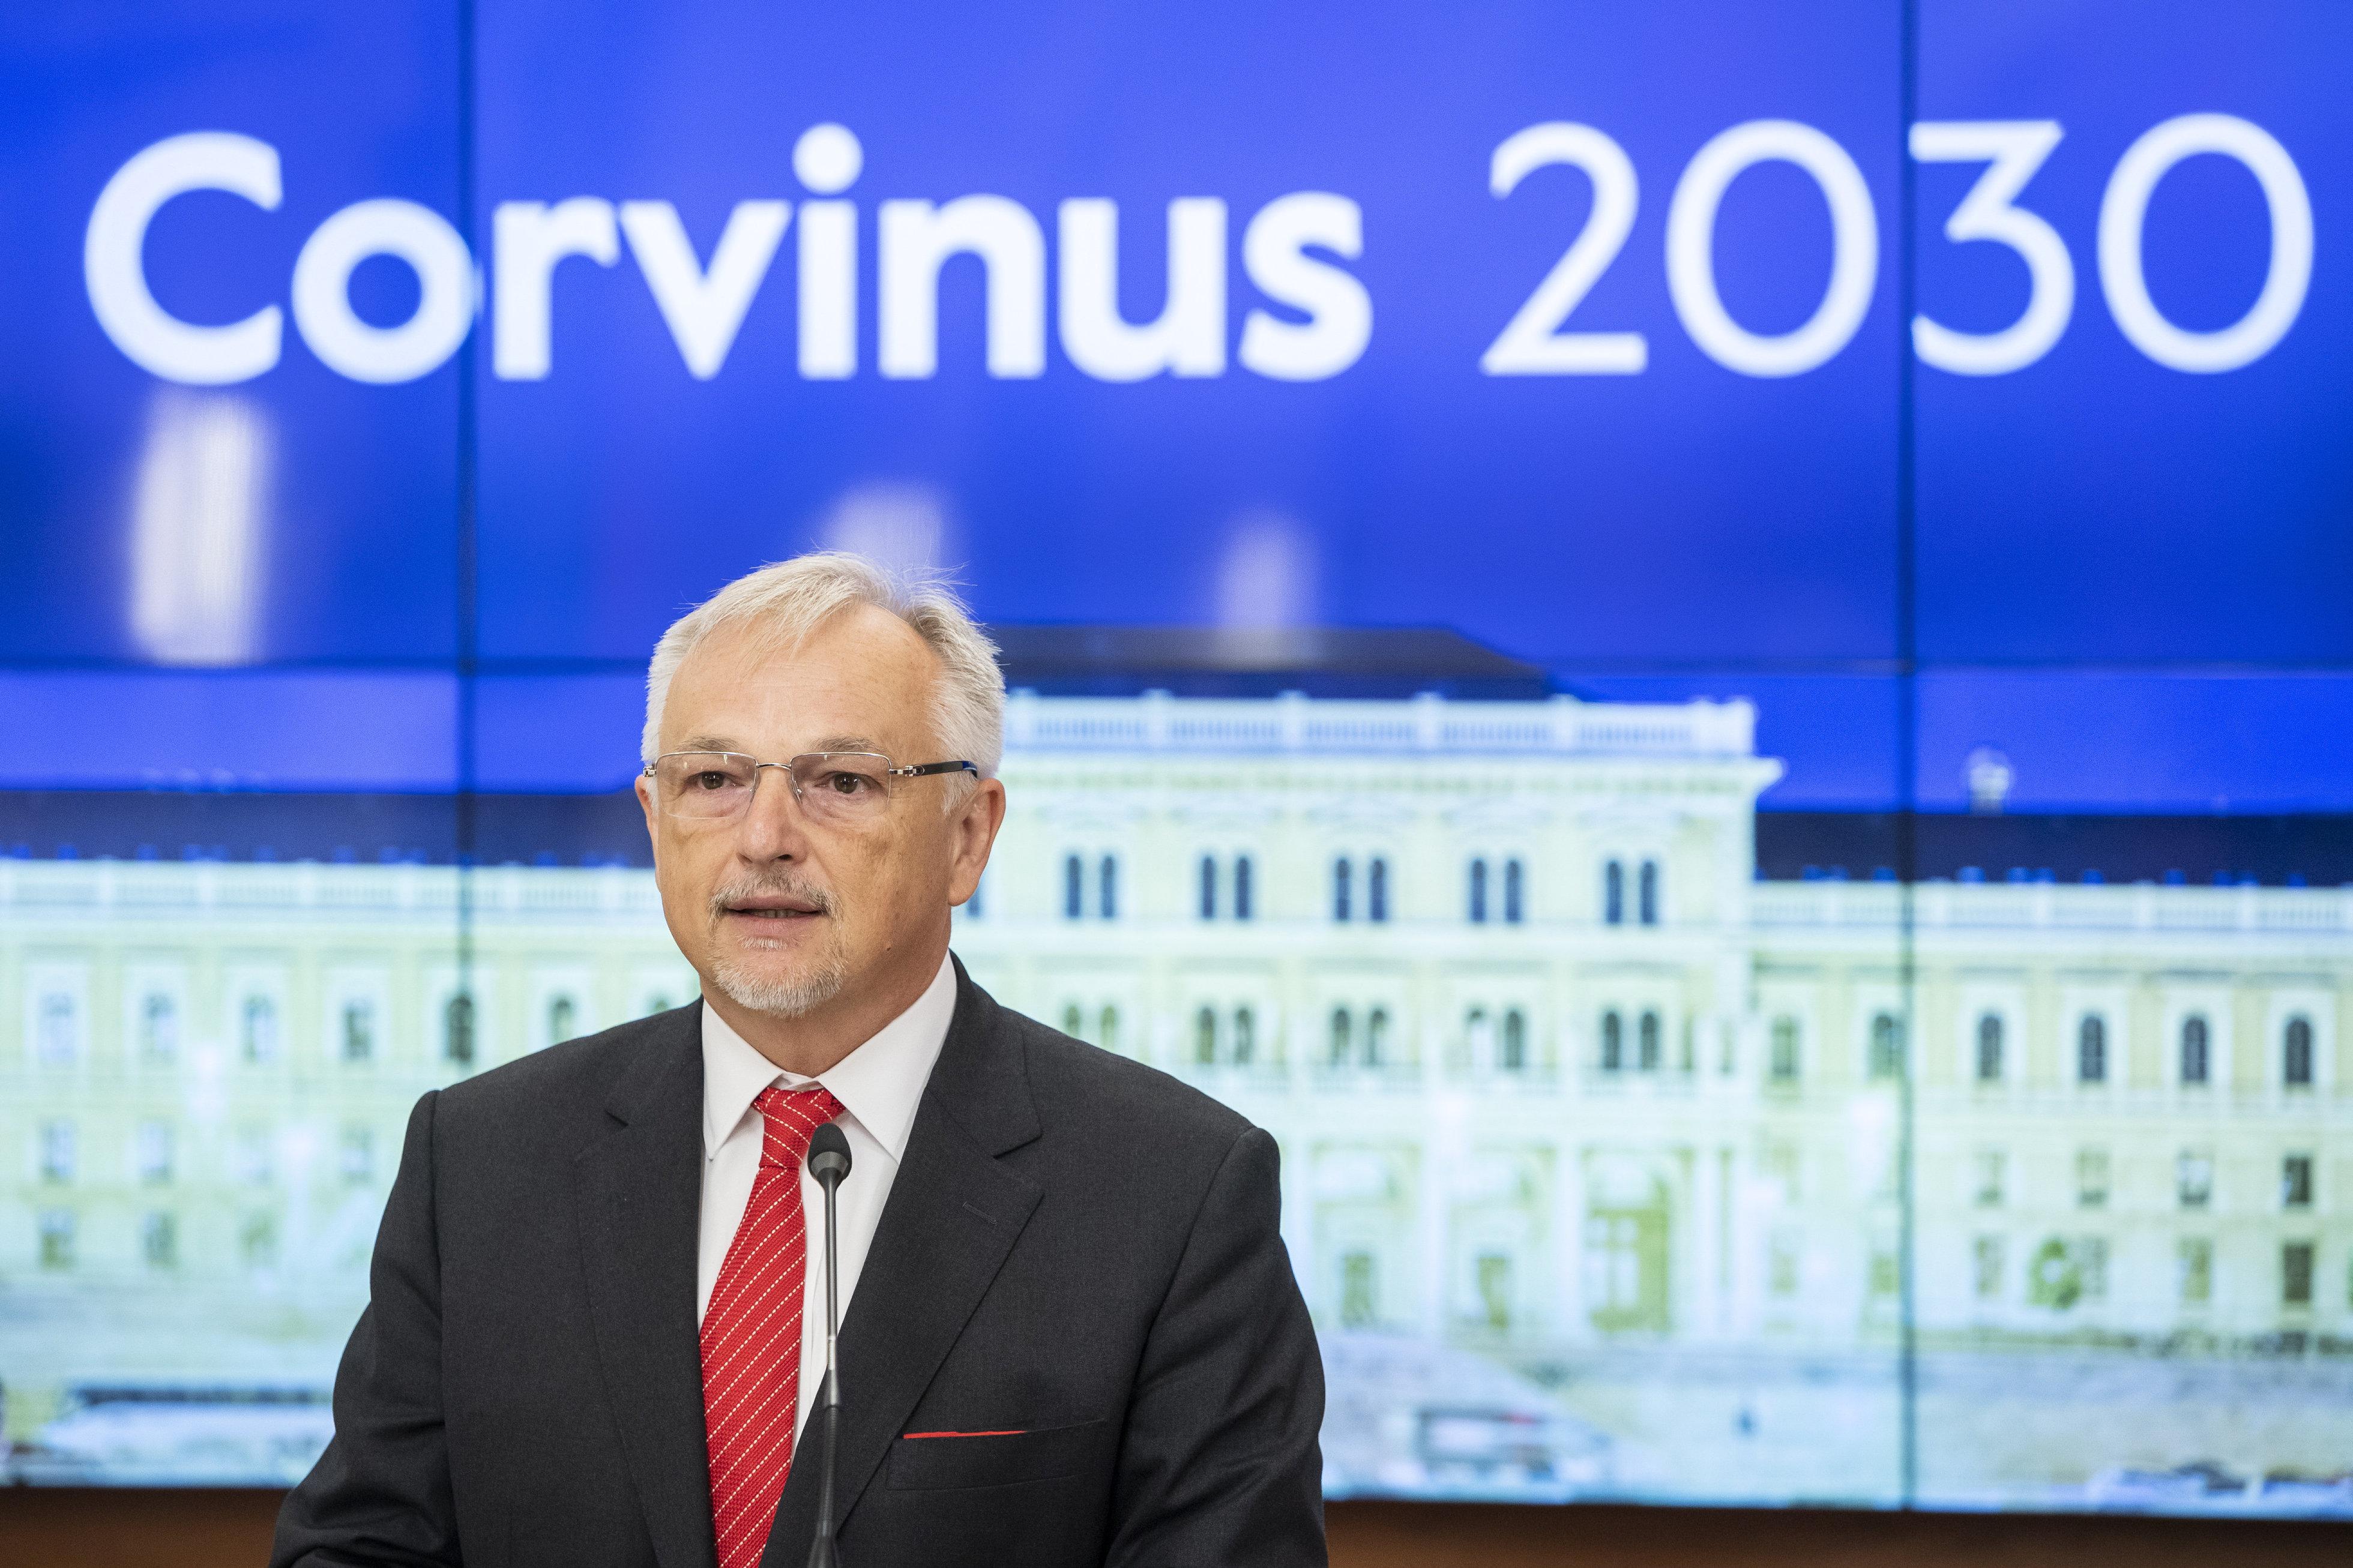 A magyar állam 10 százaléknyi Mol-részvényt átadott a Corvinust fenntartó alapítványnak